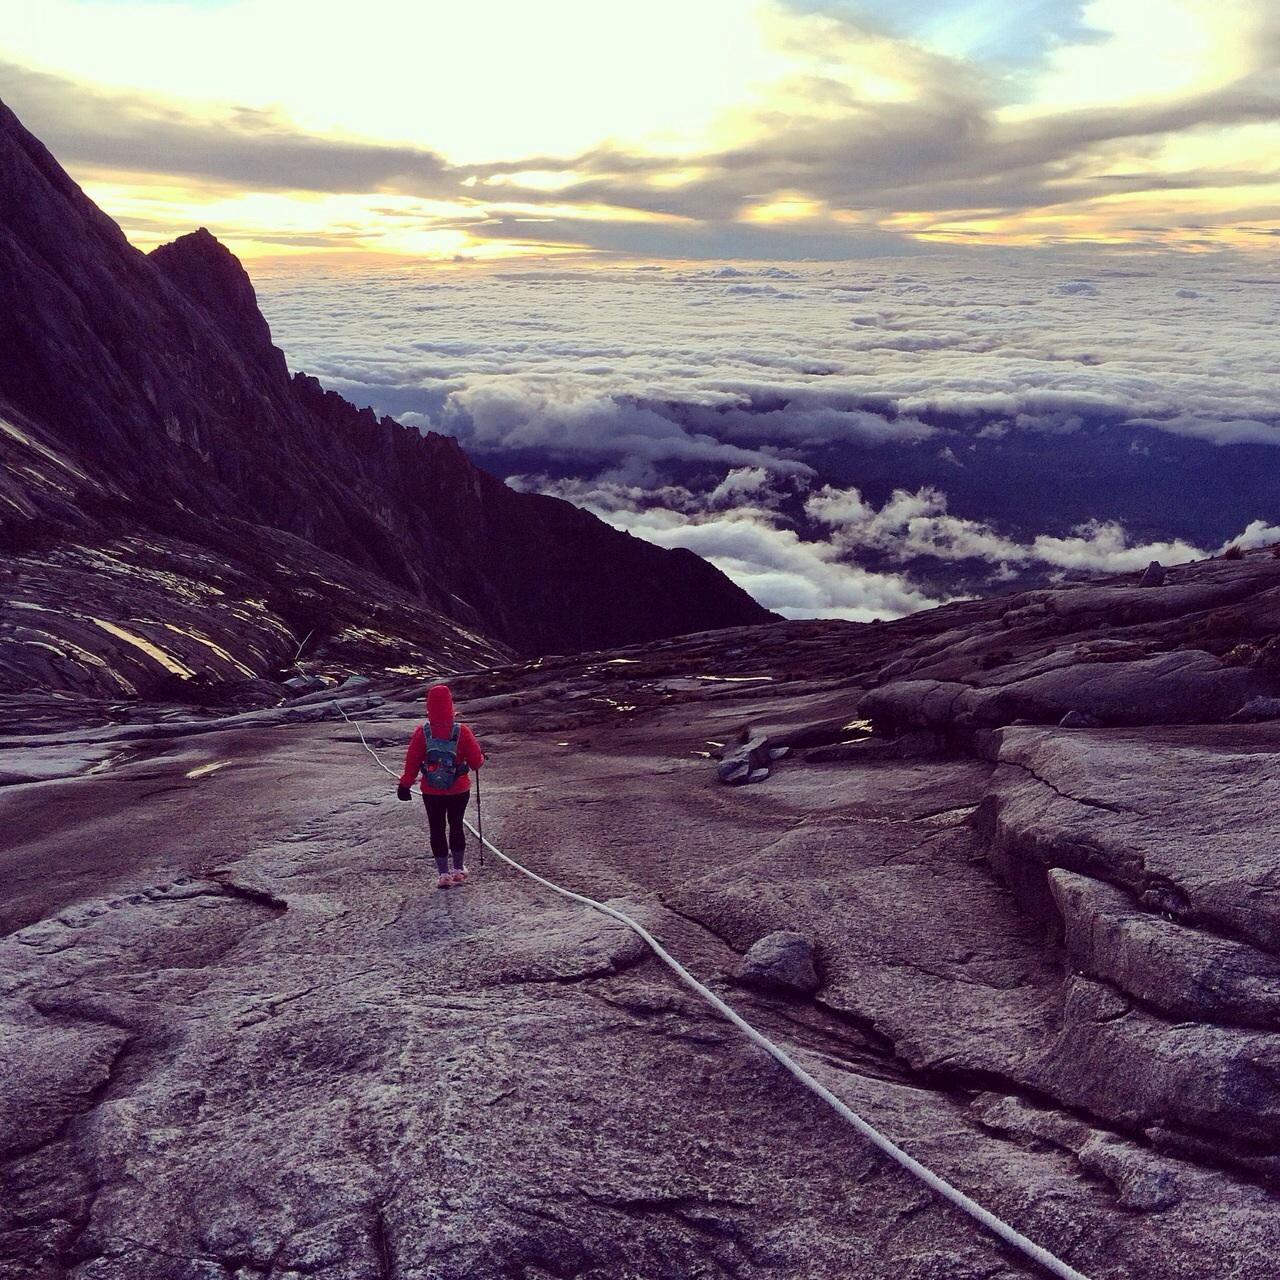 Review: Mount KinabaluClimb